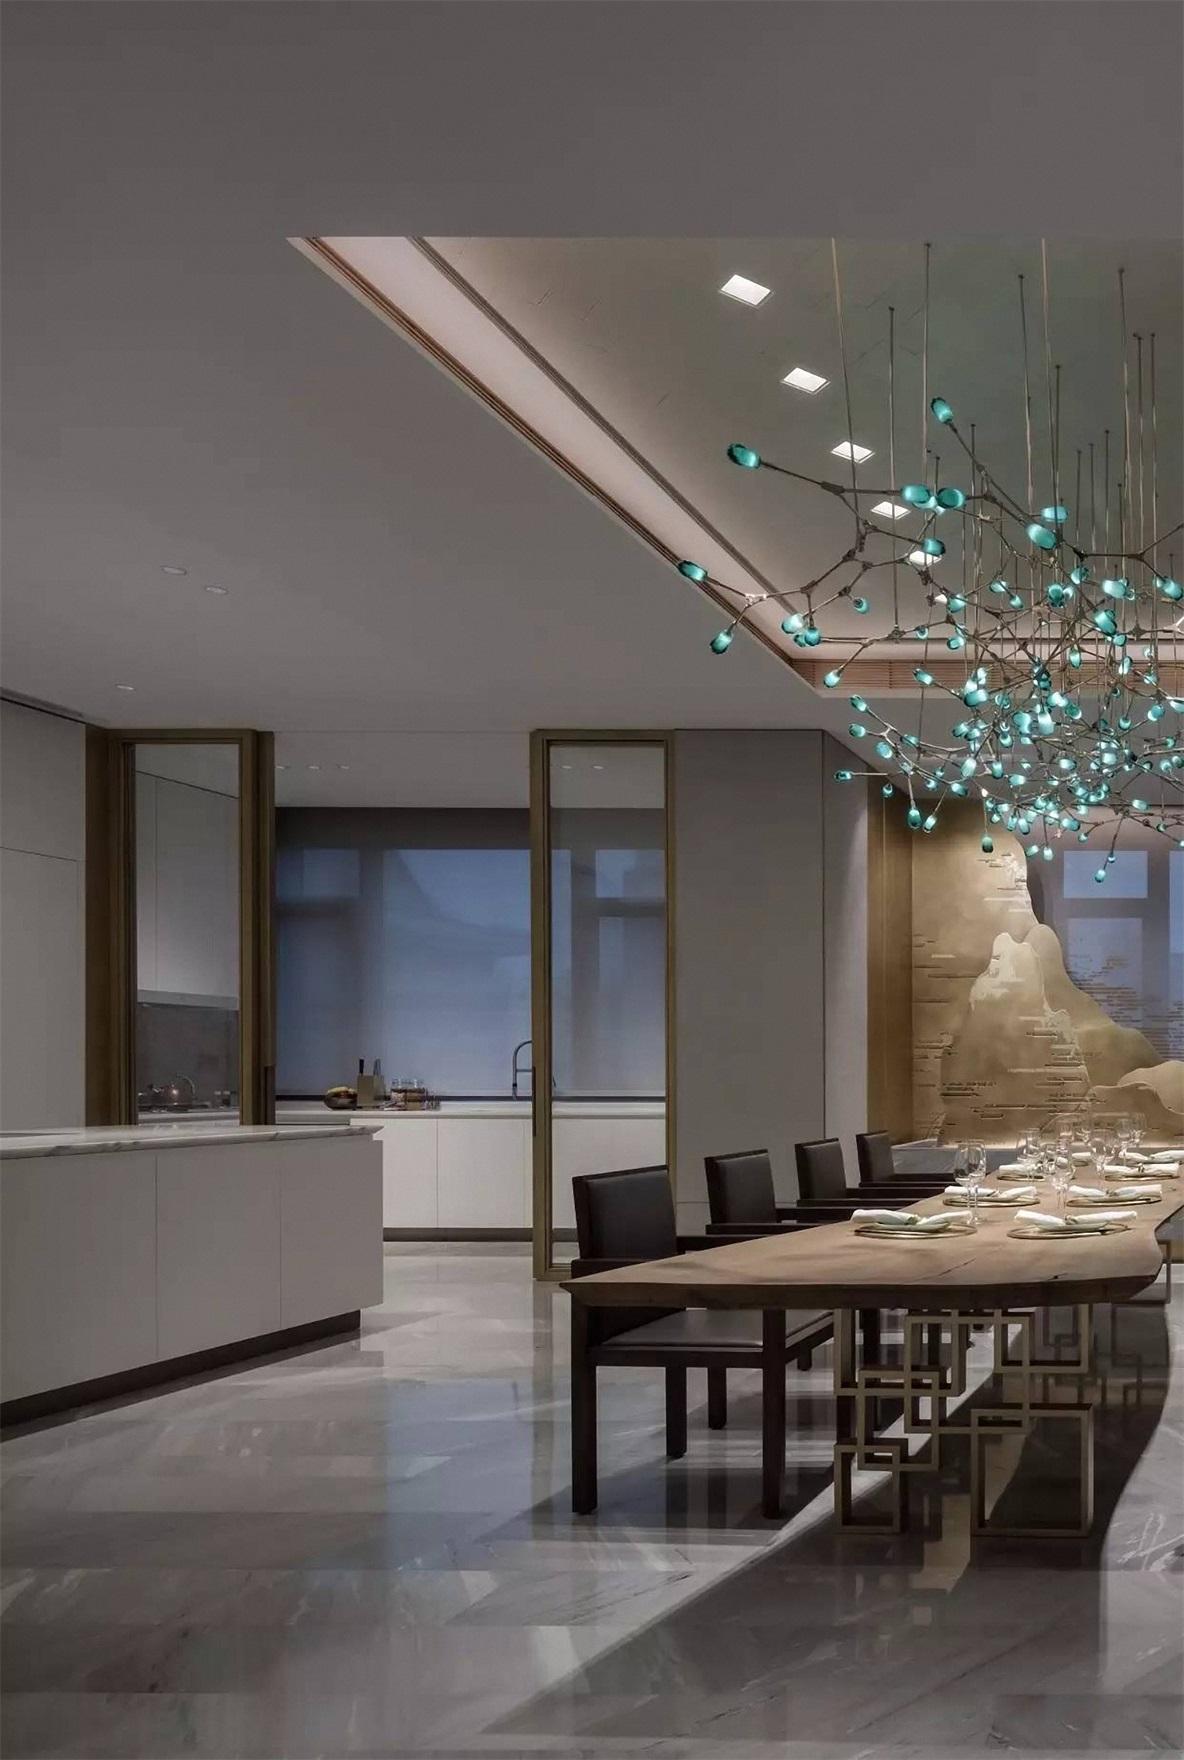 客餐一体设计,白色与原木的结合充满中式风格韵味和大气,加上玻璃厨房隔断,使得空间更有质感。